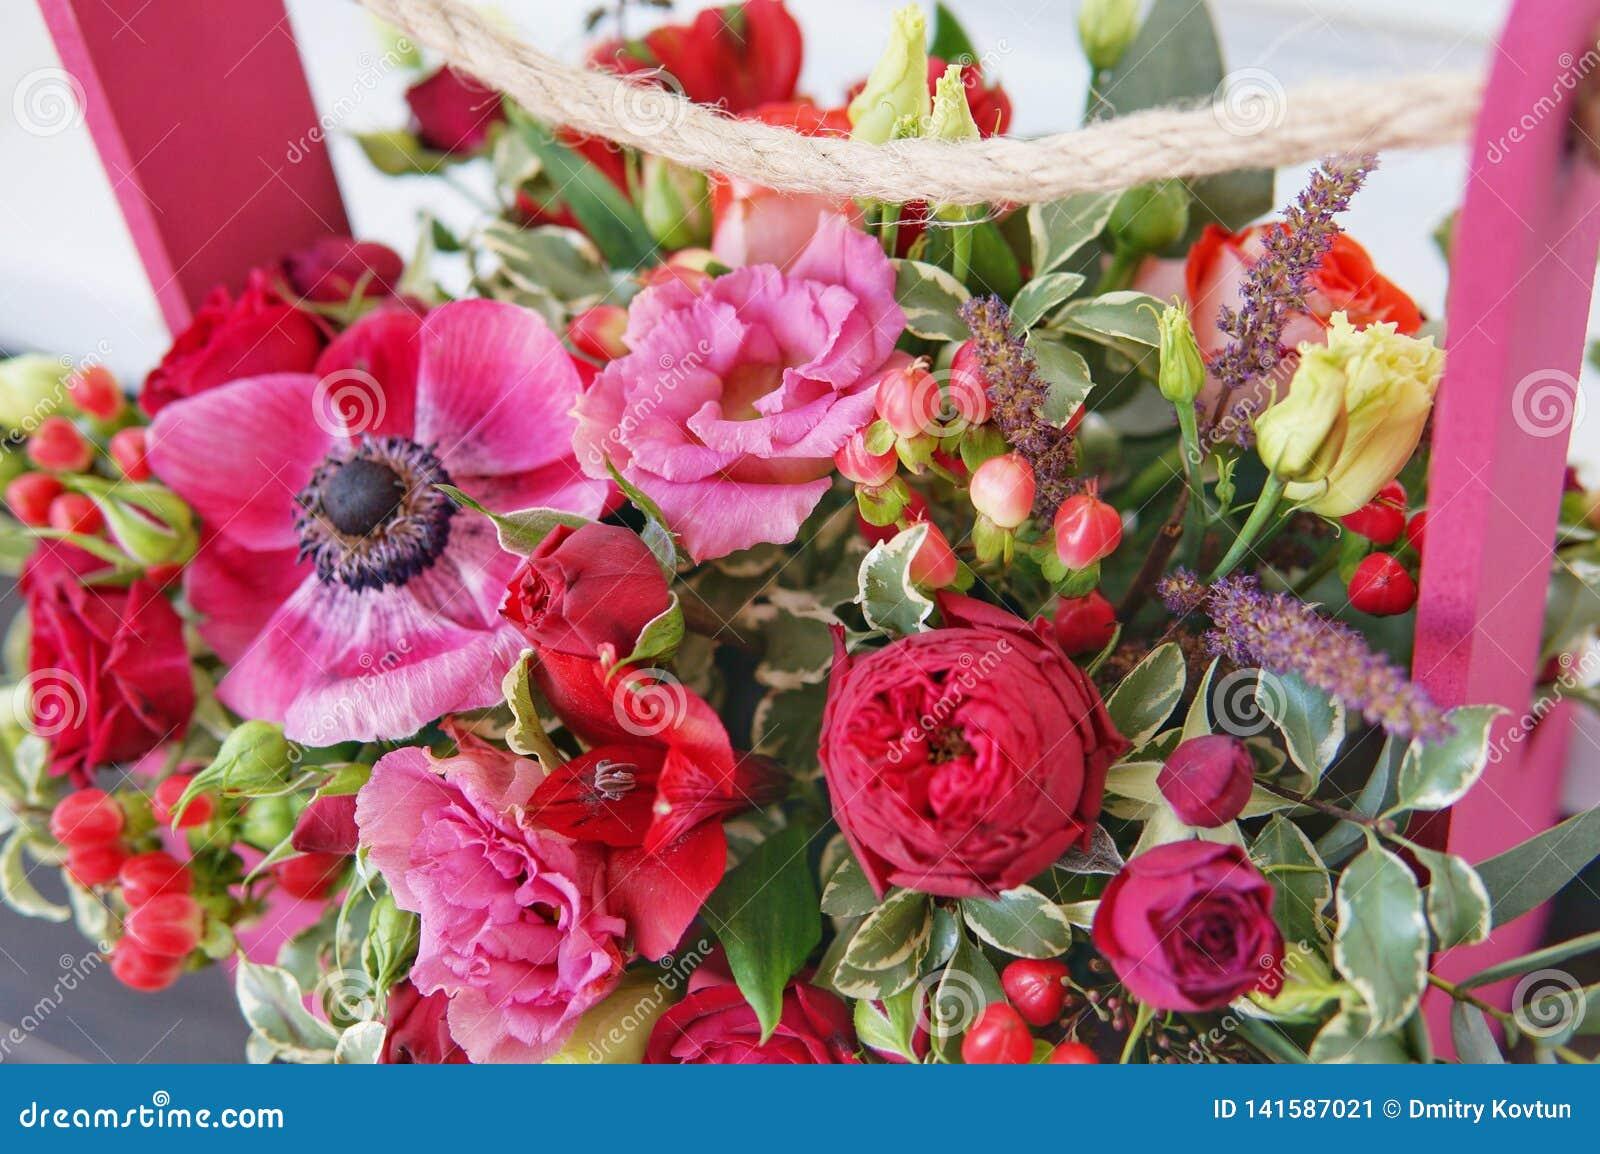 Bel arrangement floral des fleurs rouges, de rose et de Bourgogne dans une boîte en bois rose